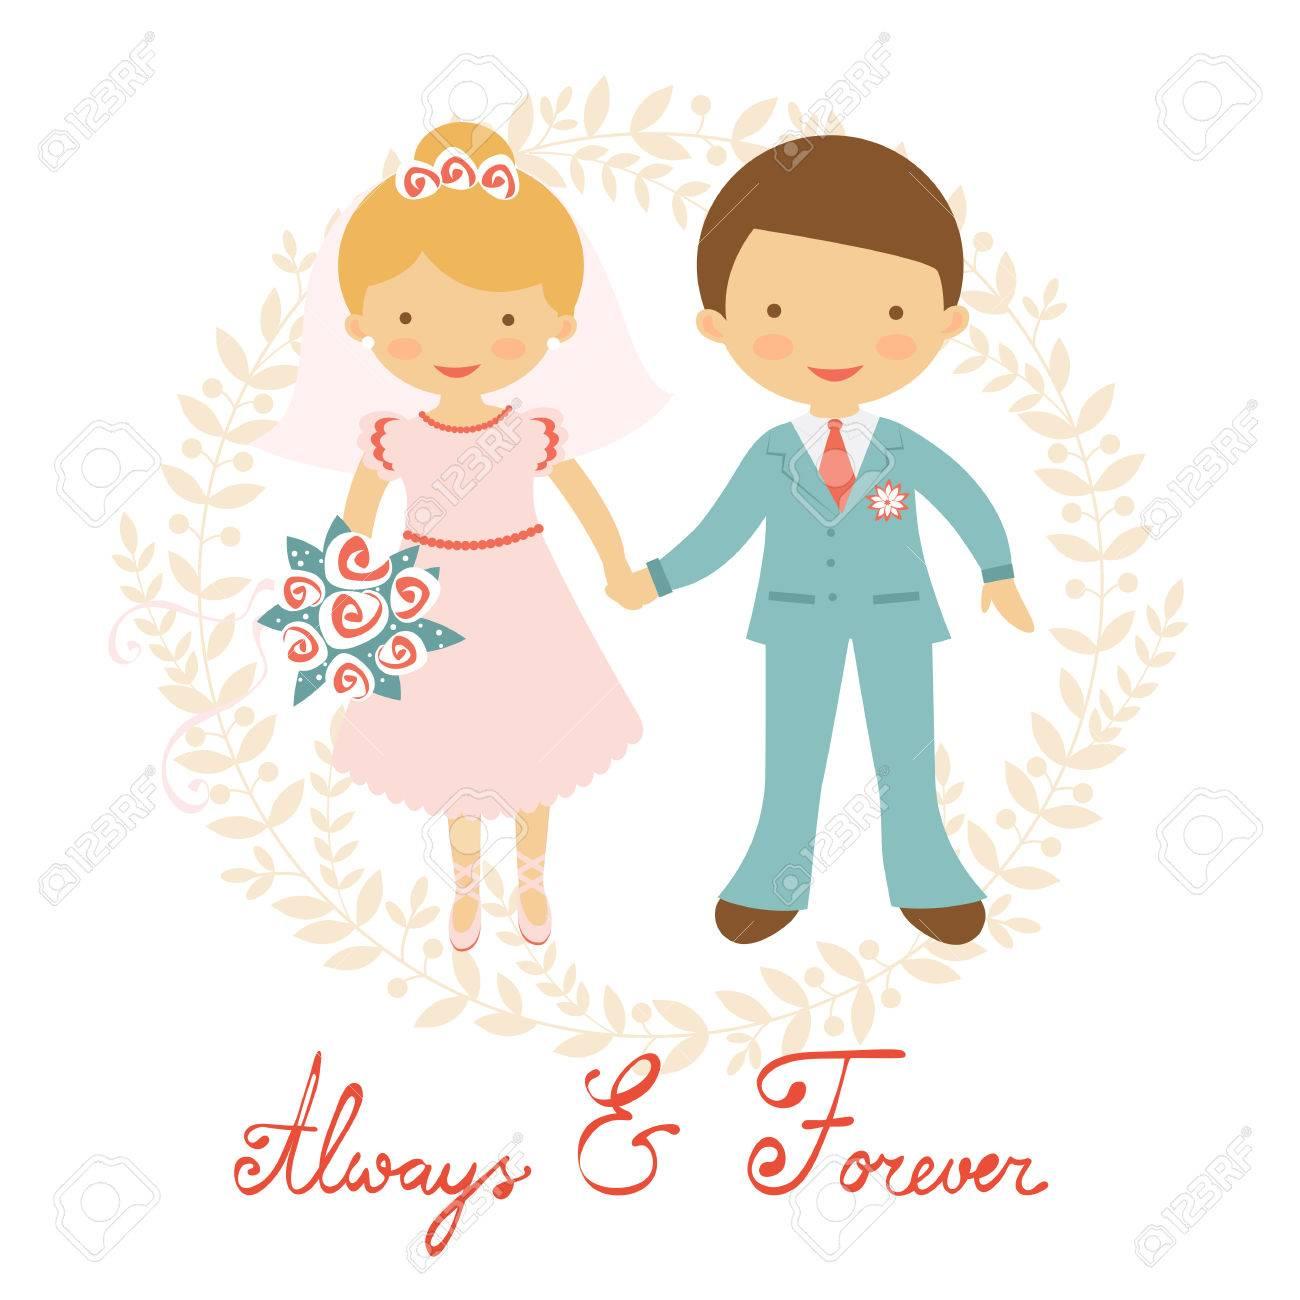 結婚 イラスト 無料 かわいい